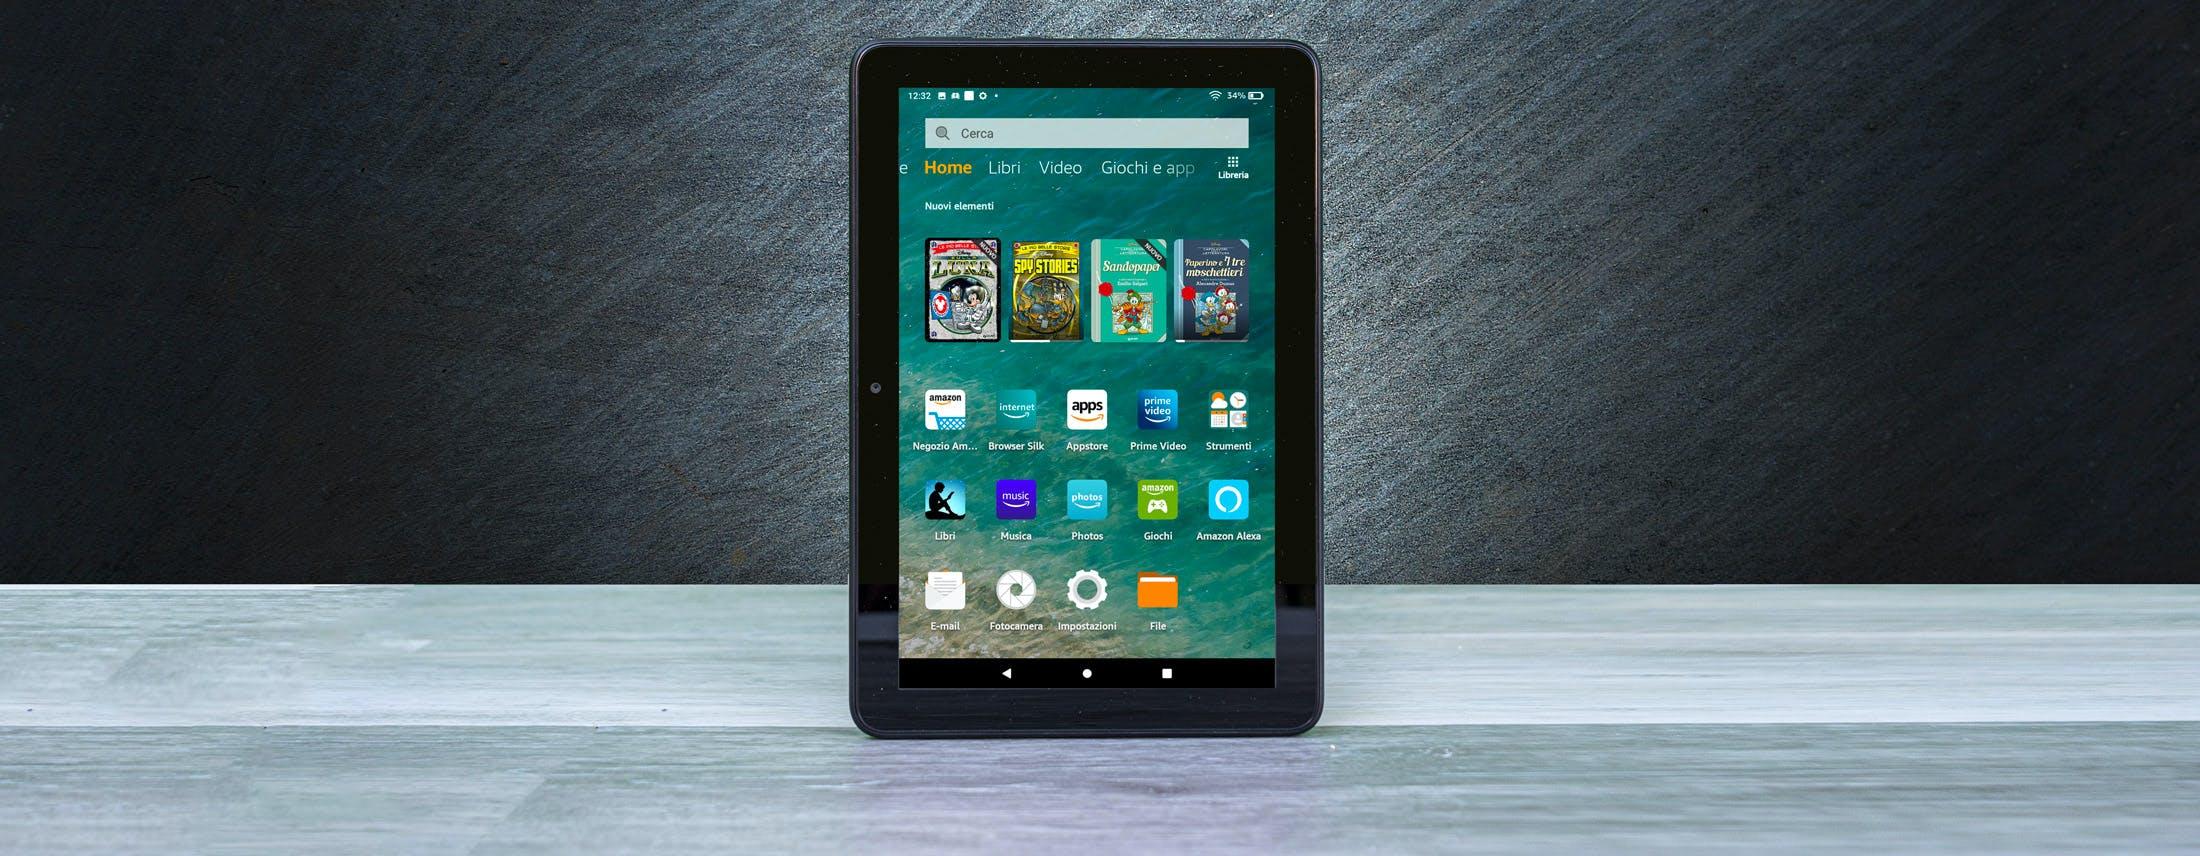 Recensione Amazon Fire HD 8 2020. Il tablet da 99 euro perfetto per i bambini